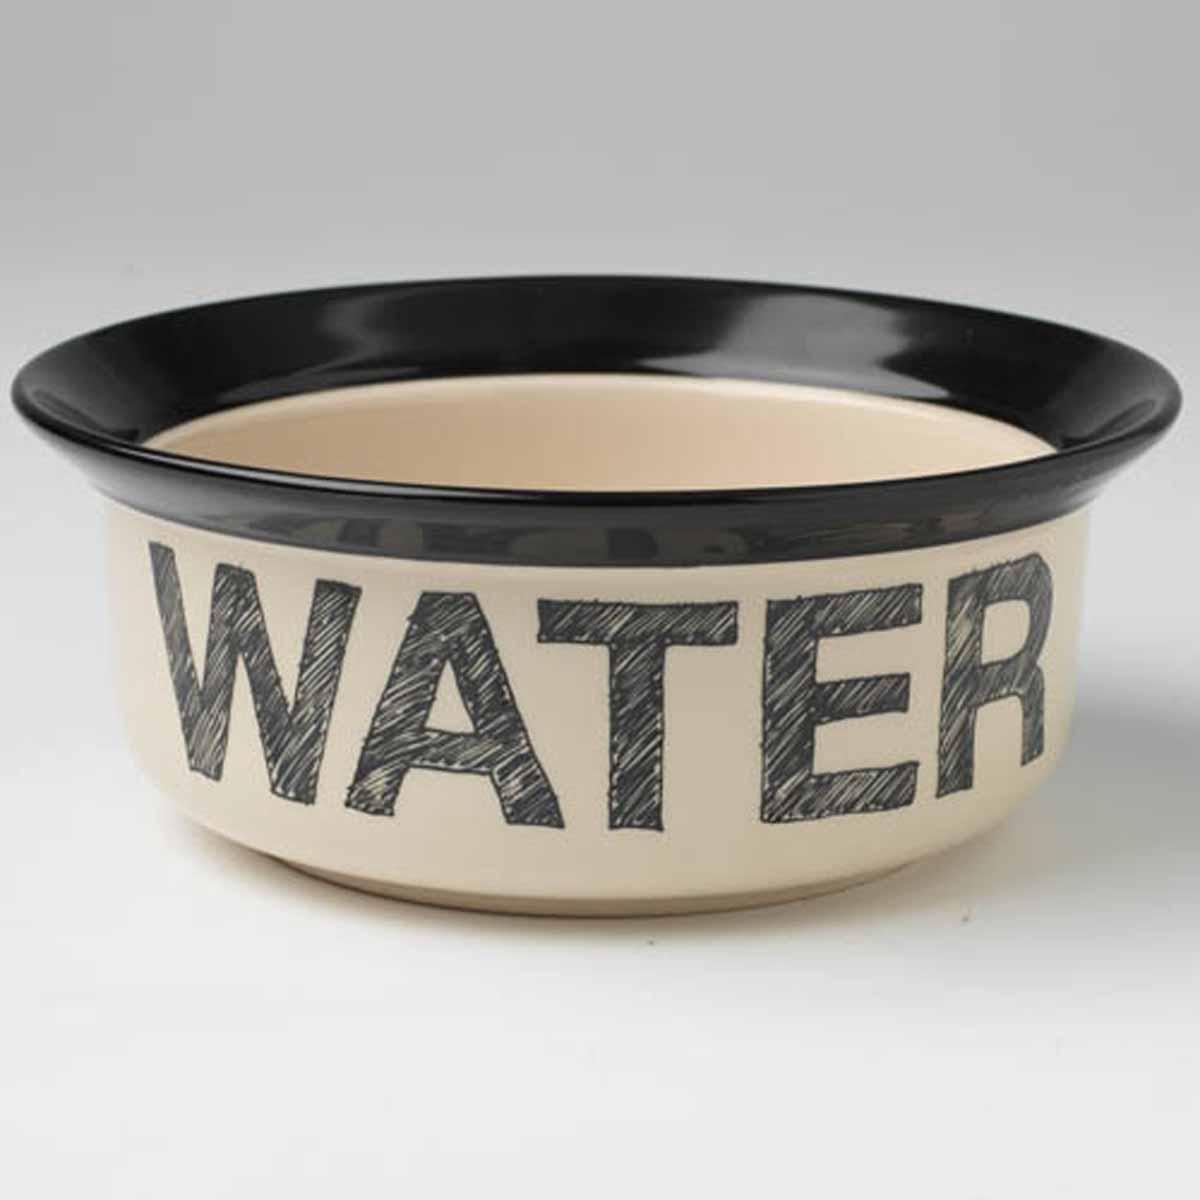 Pooch Basics Dog Bowl - Water